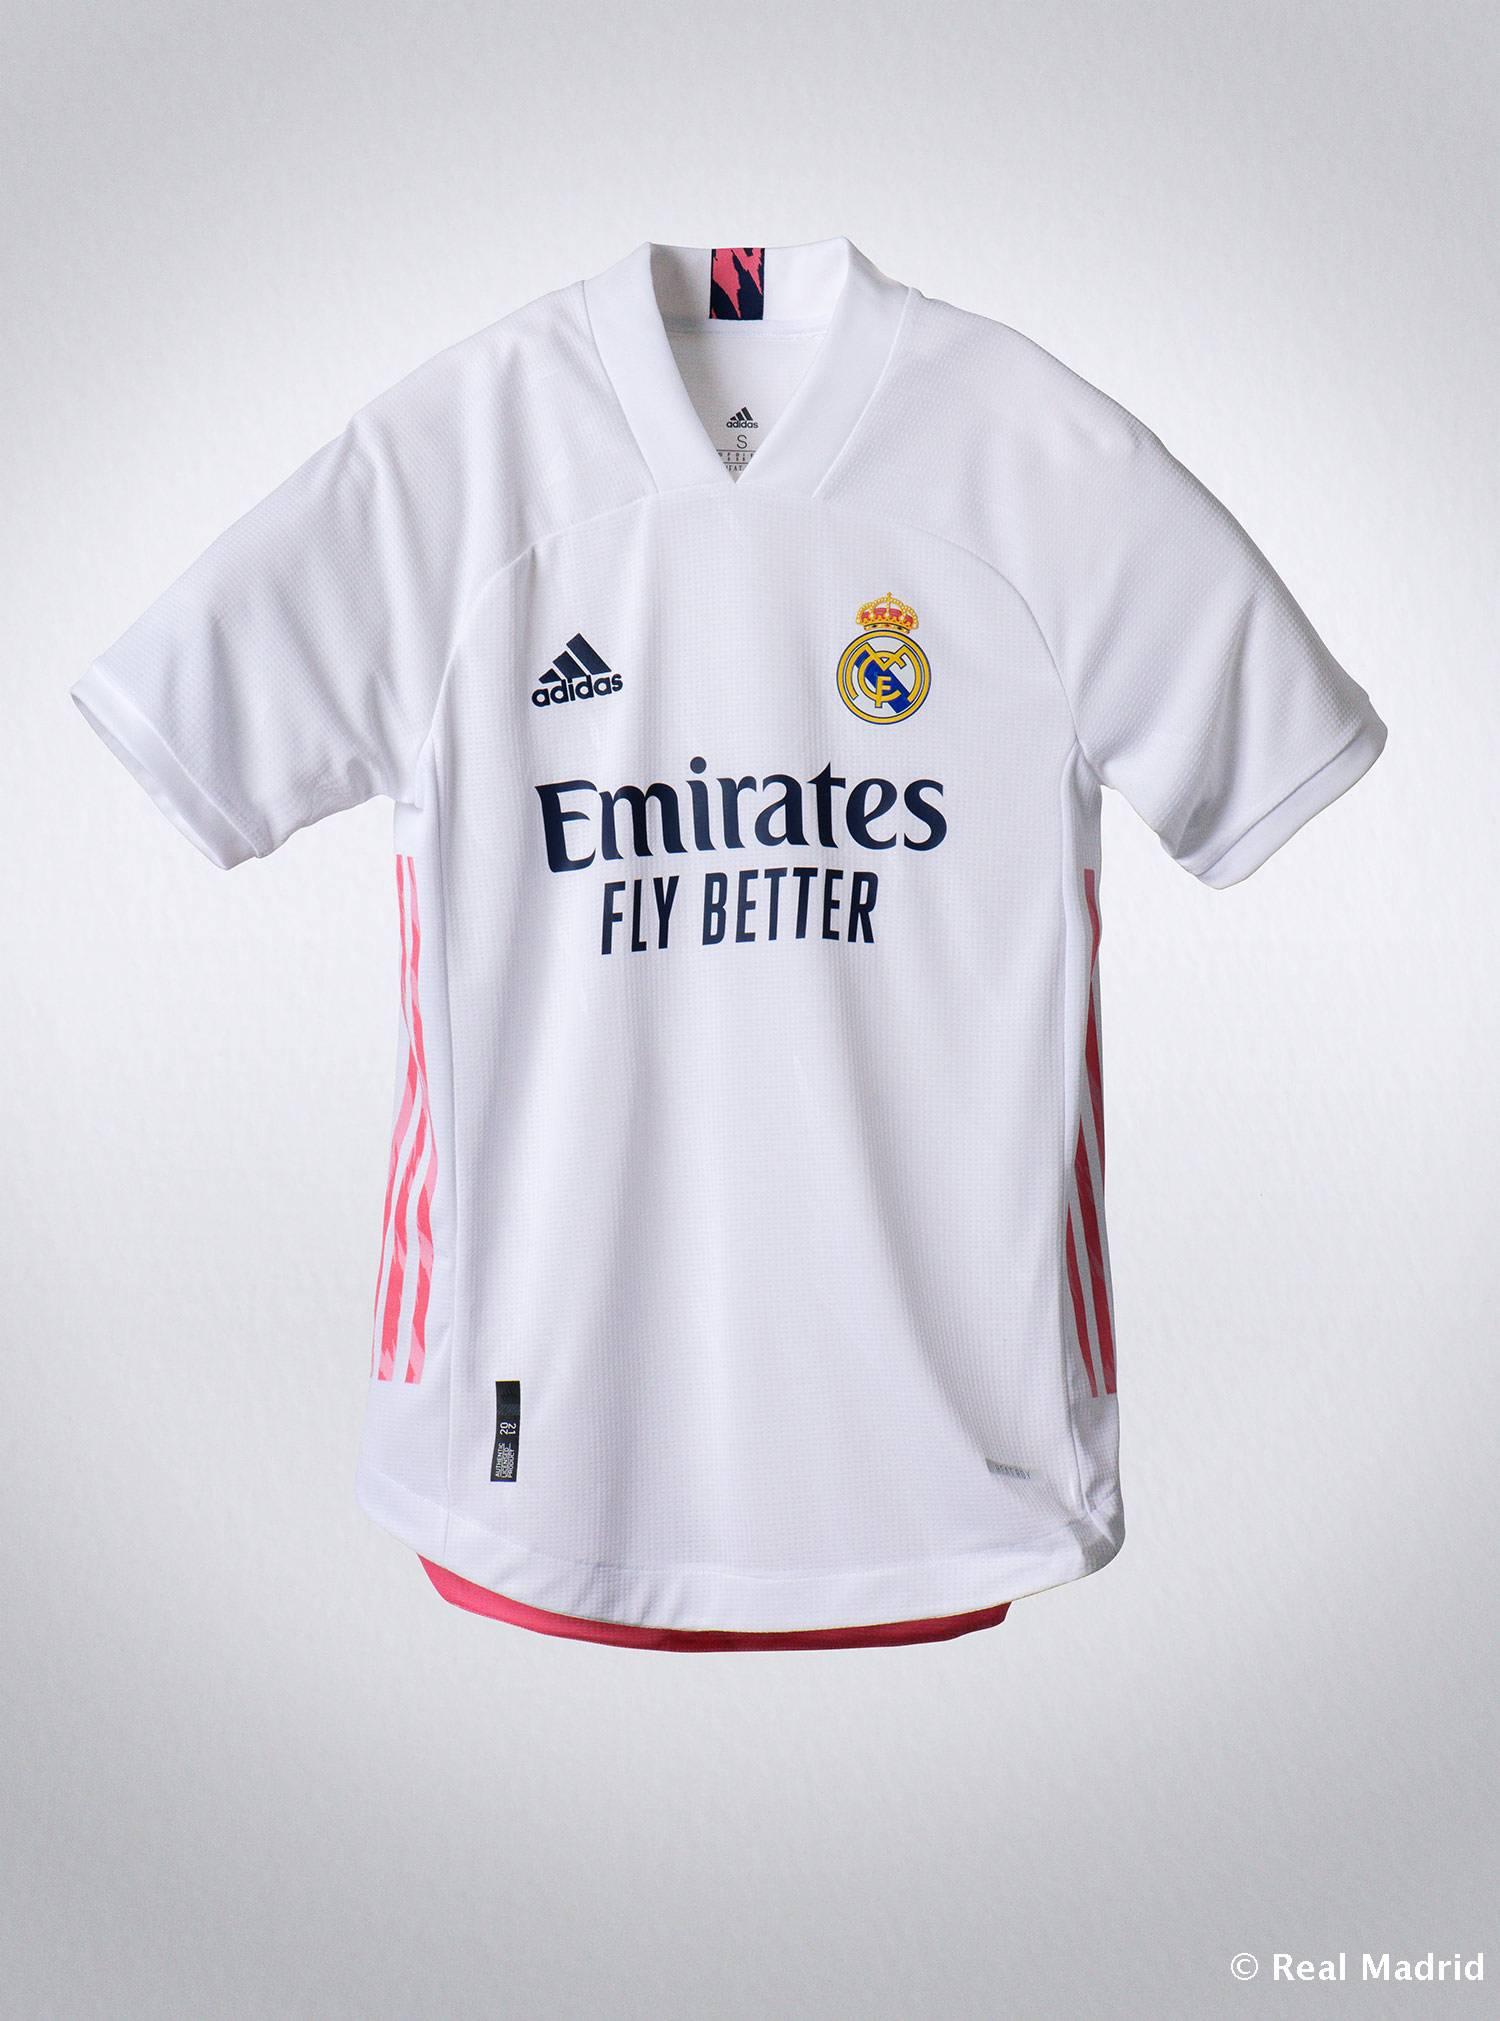 Real Madrid - Así es la nueva camiseta de la temporada 20/21 - 30-07-2020